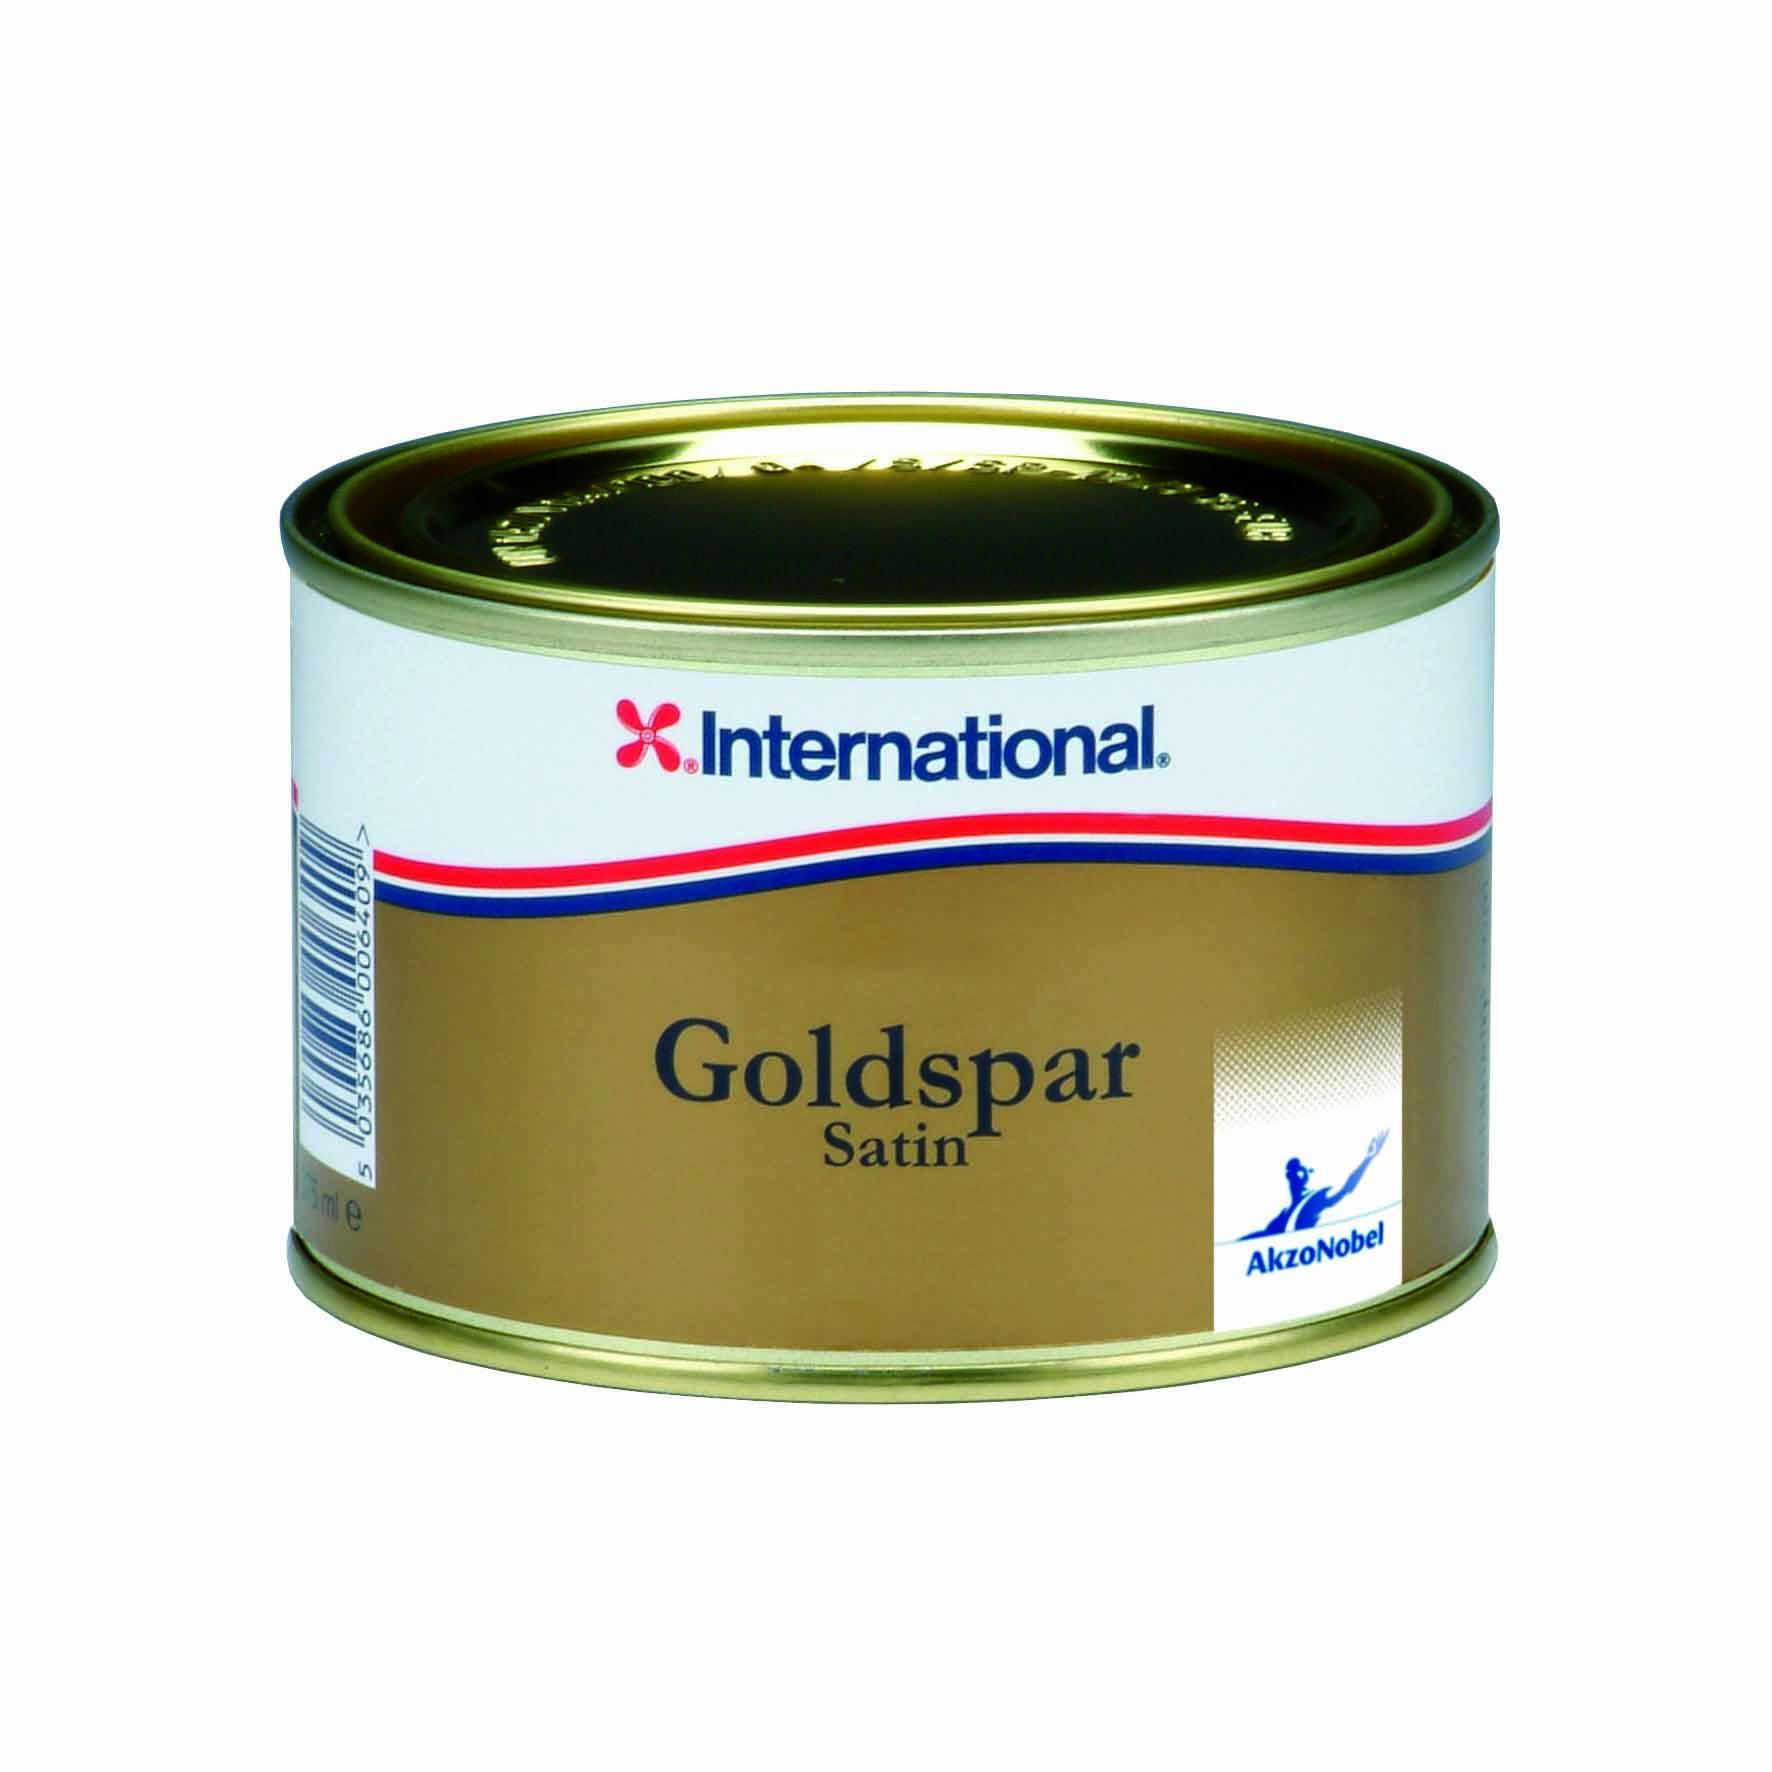 Goldspar satin varnish grohe black kitchen faucet